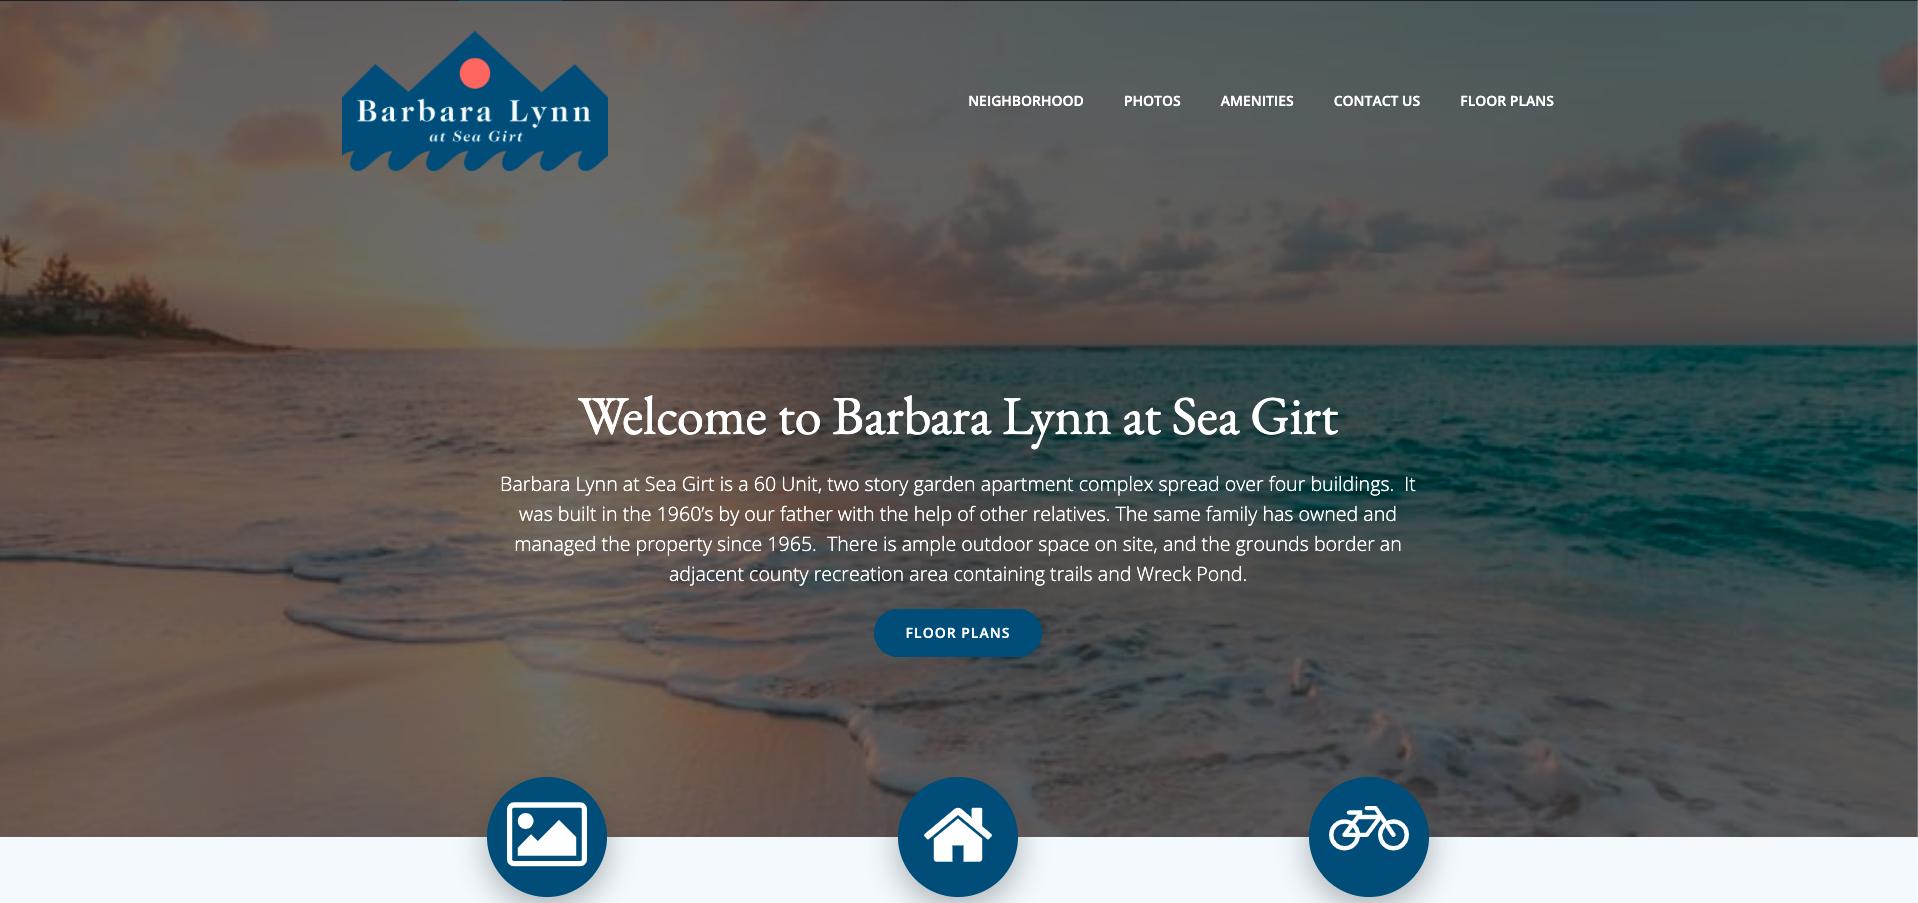 Barbara Lynn Home Page